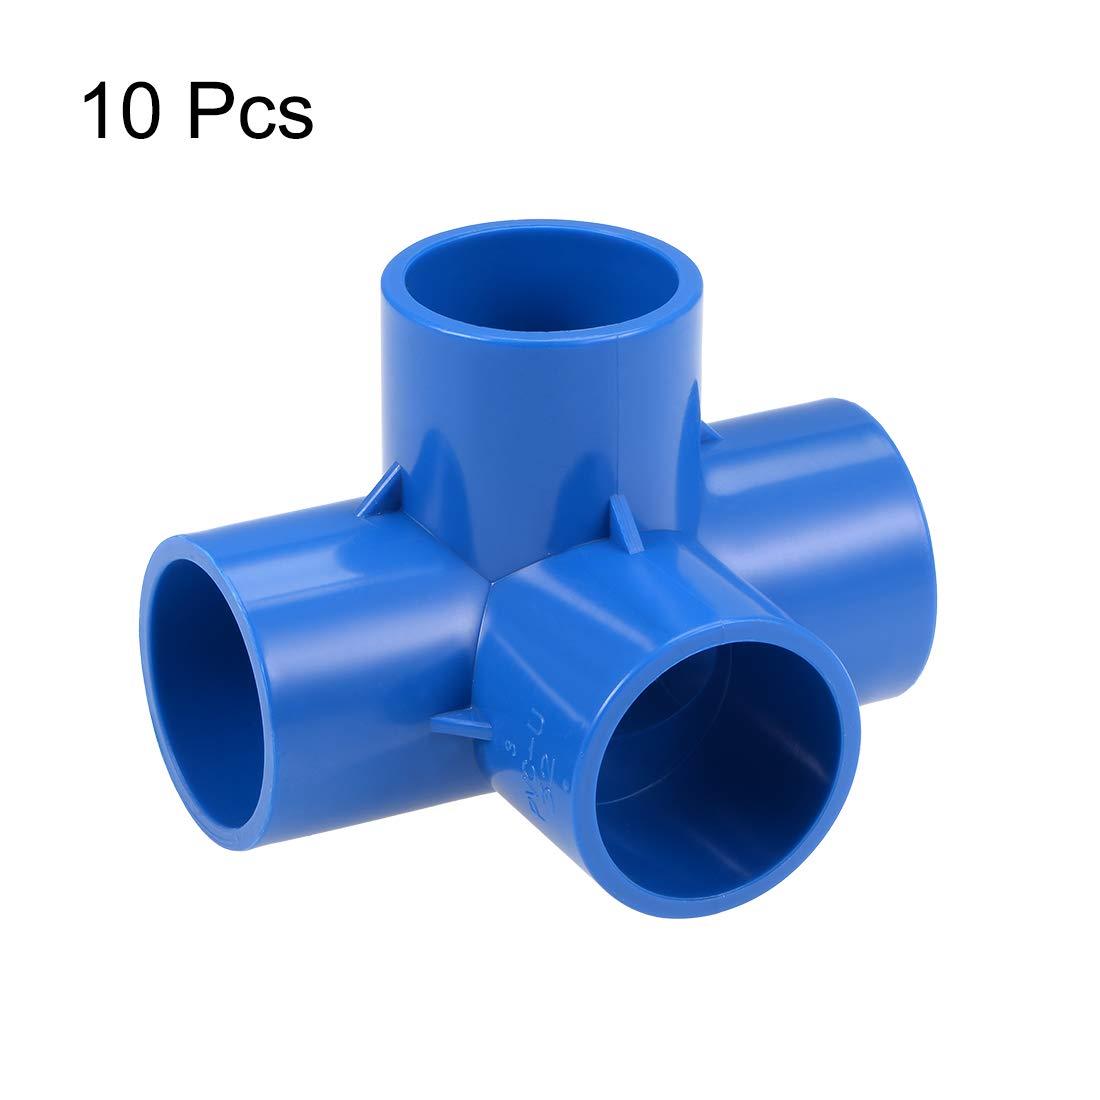 Accesorios de Codo de Pvc para Rociadores de Irrigaci/ón Azul 32 mm 2 piezas sourcing map Codo de Conexi/ón de Pvc de 4 V/ías en T Muebles de Pvc